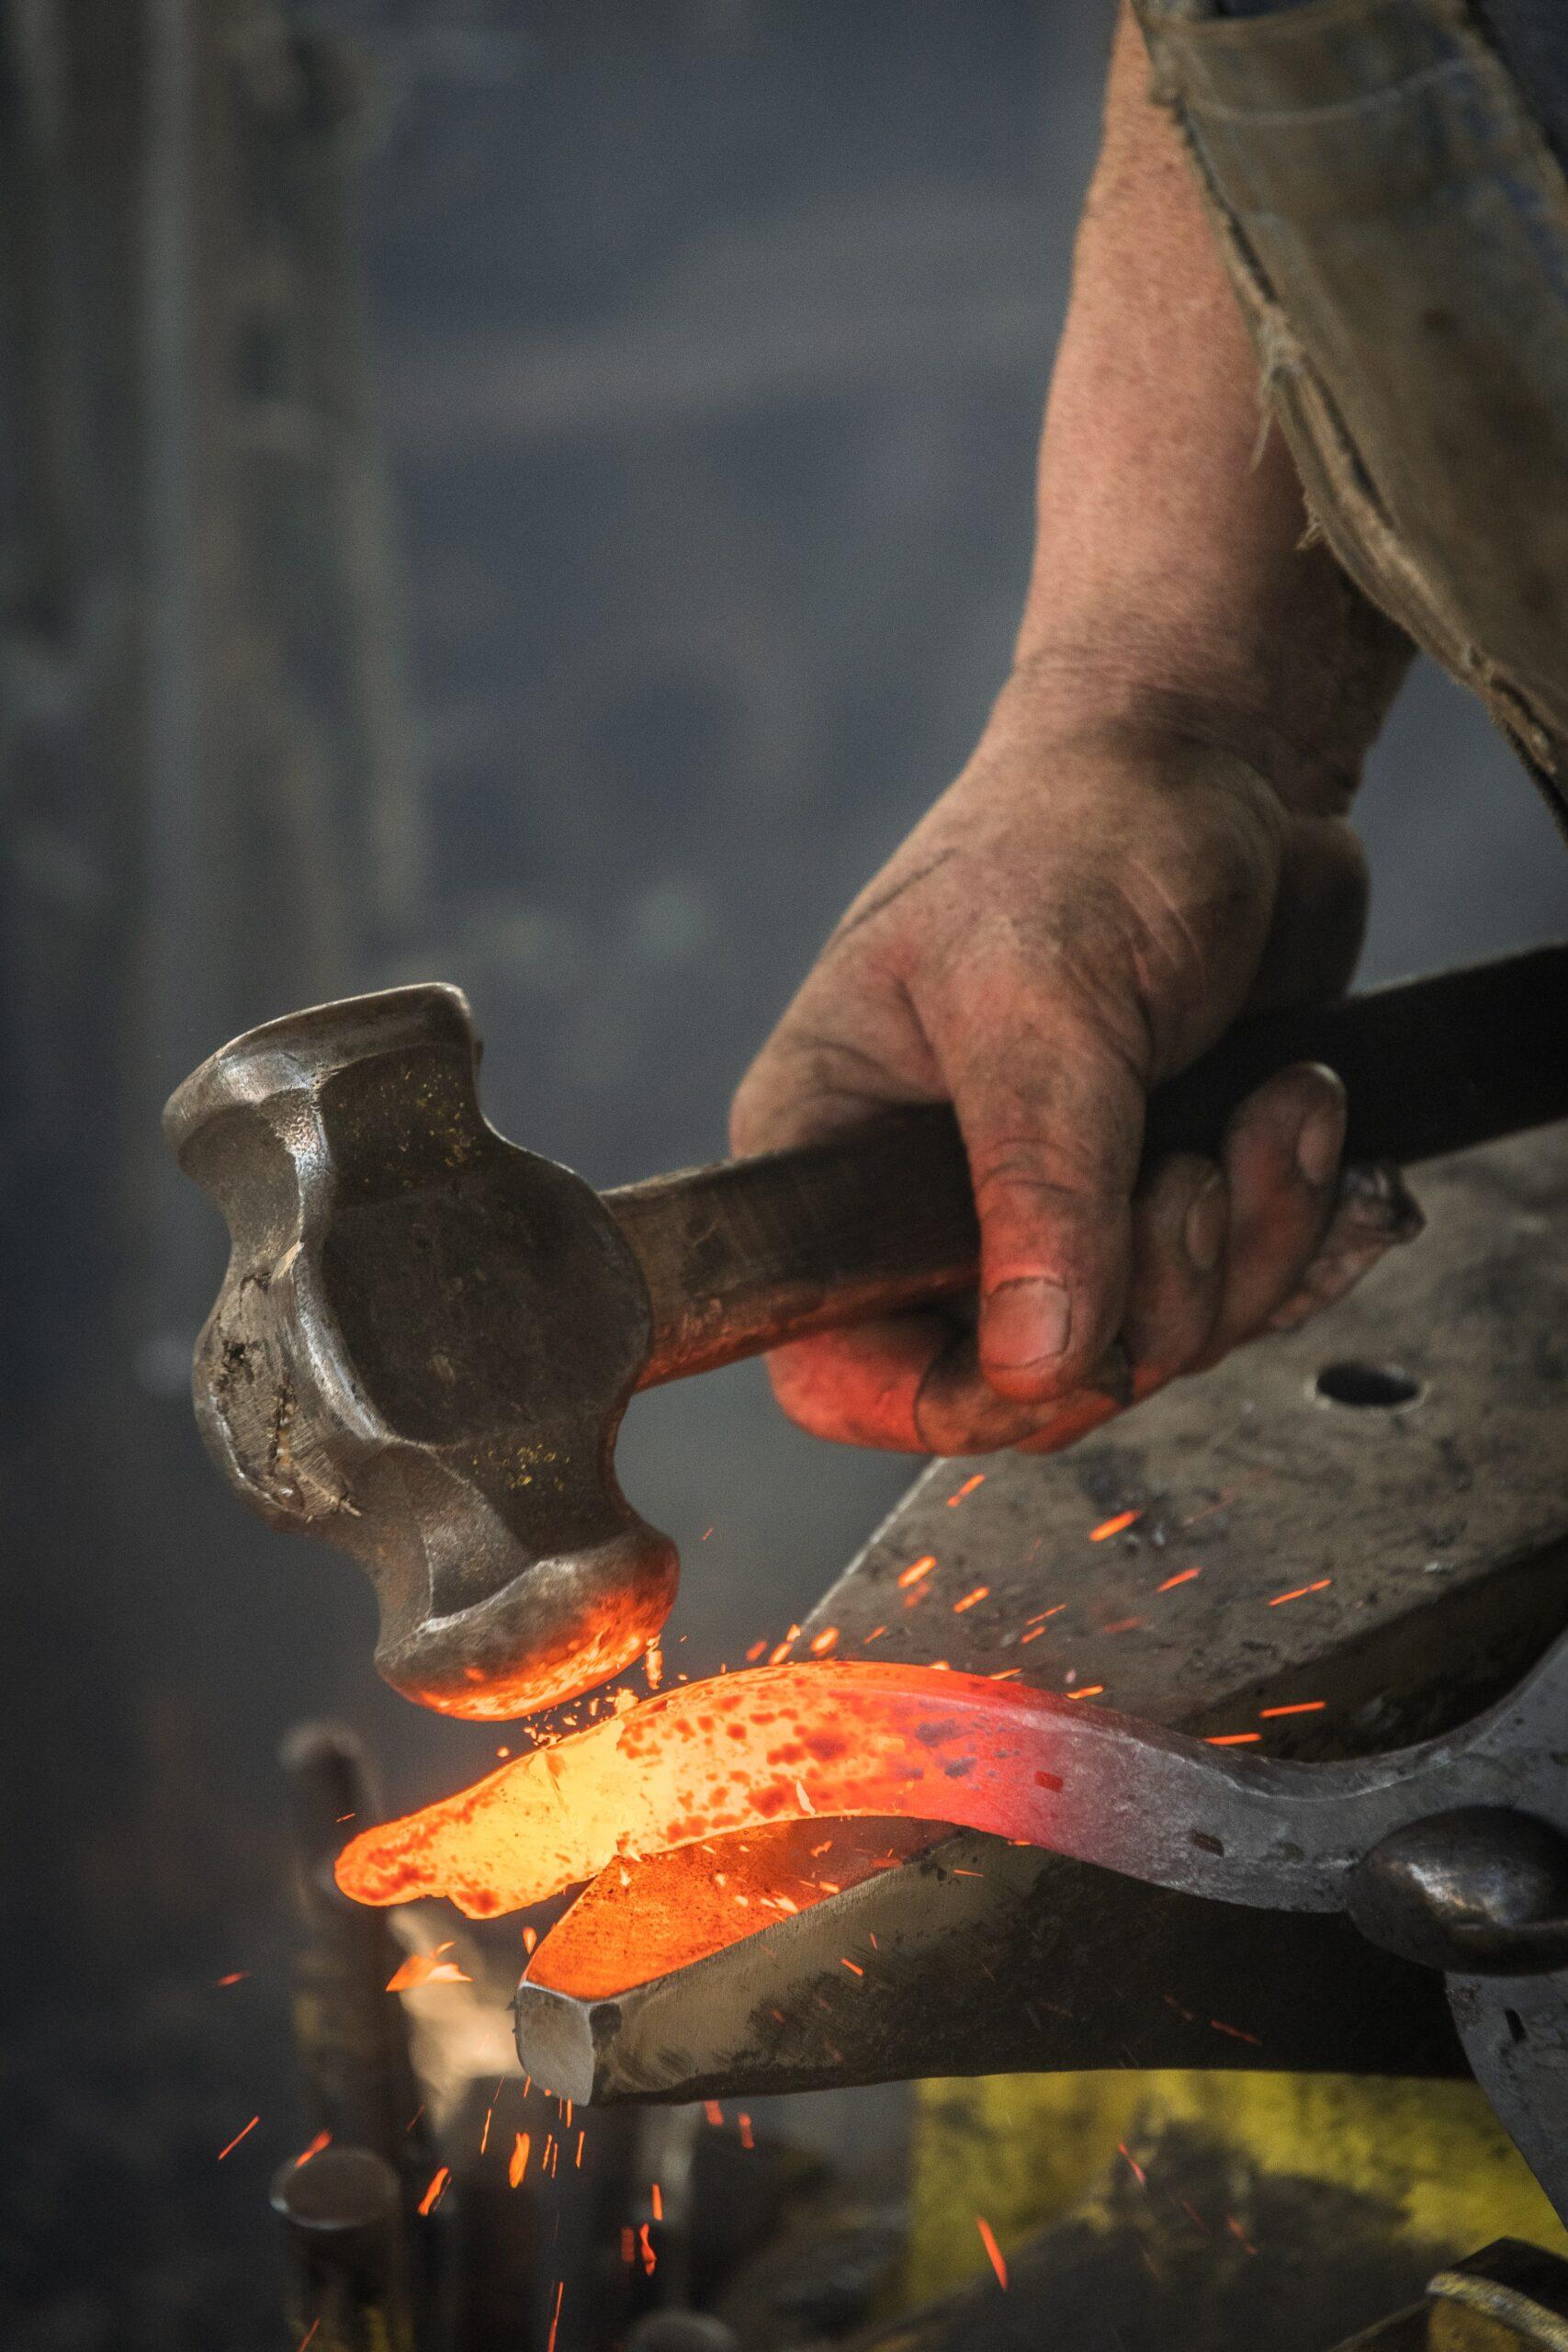 Com os metalúrgicos  valorizados, todos ganham